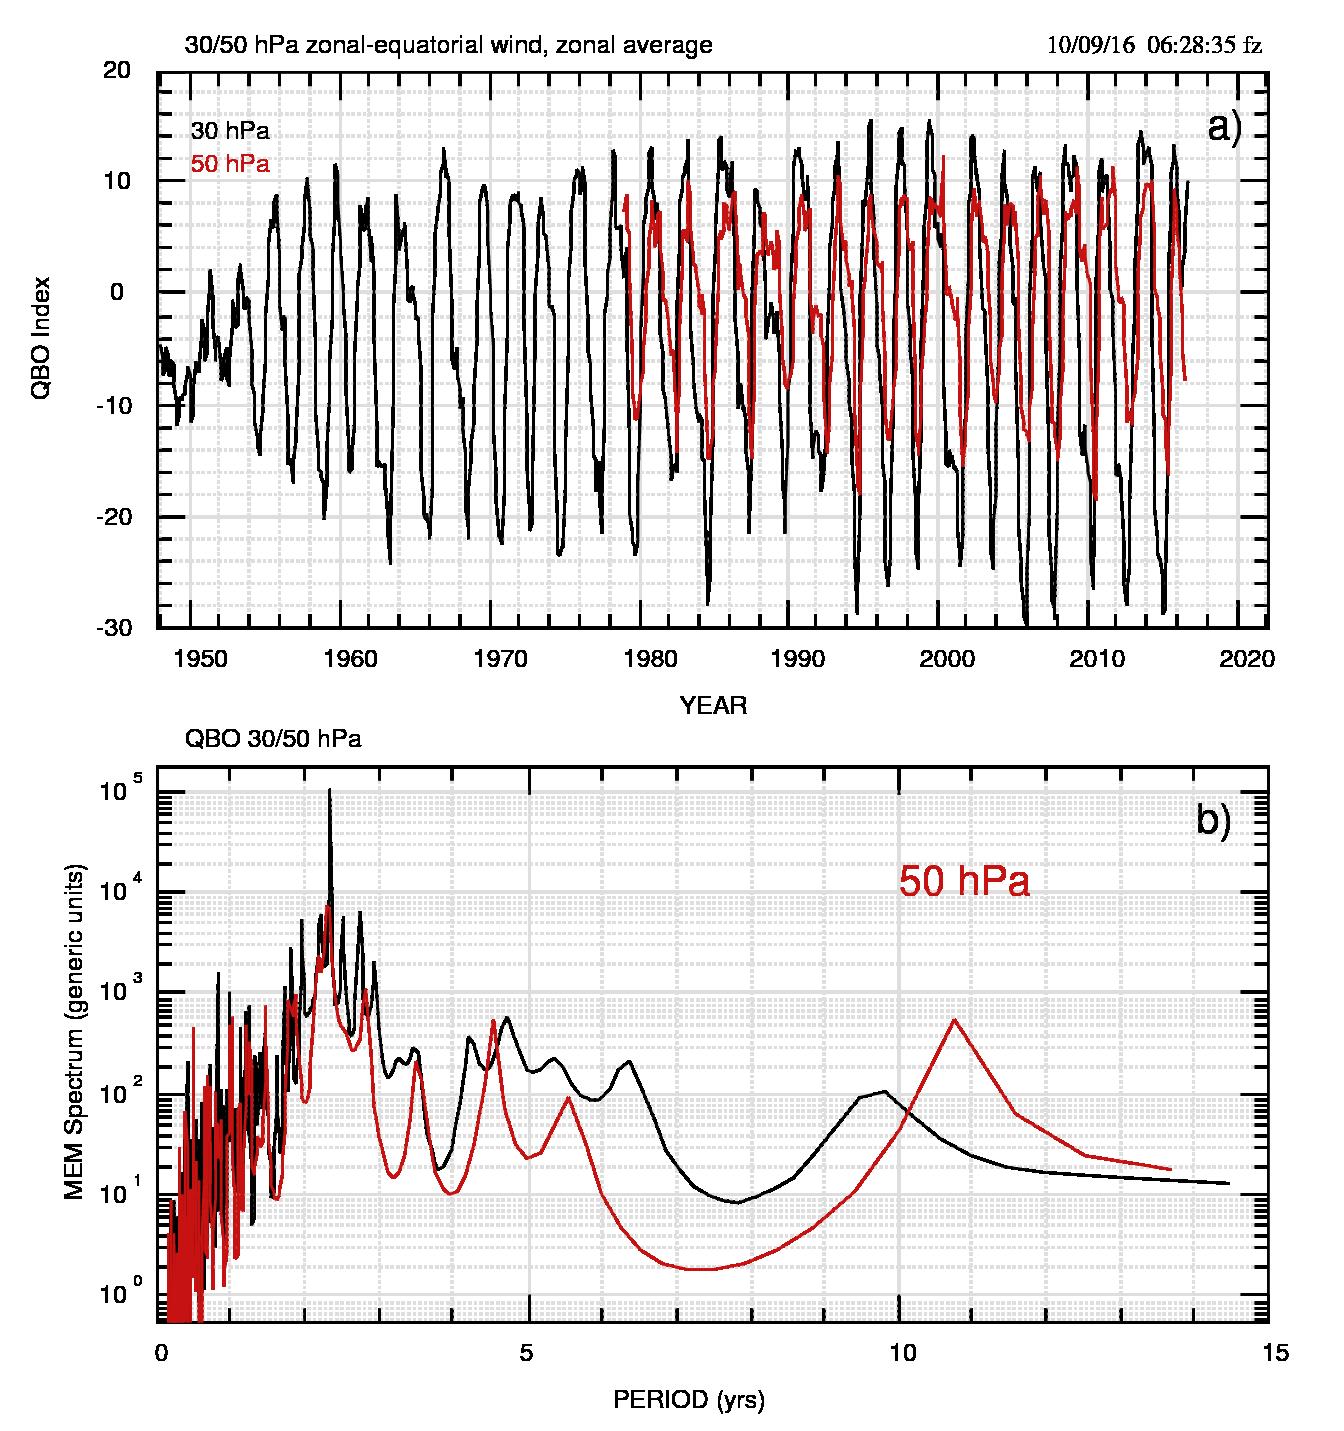 Fig.1: a) Indice QBO a 30 (nero) e 50 (rosso) hPa, in (m/s). b) Spettro MEM dei due indici. Notare il forte massimo a 28.171 mesi dei dati a 30 hPa e quello a 27.754 mesi per 50 hPa. Qui il periodo è graficato in anni, mentre nei dati numerici per 30 e 50 hPa è in mesi.